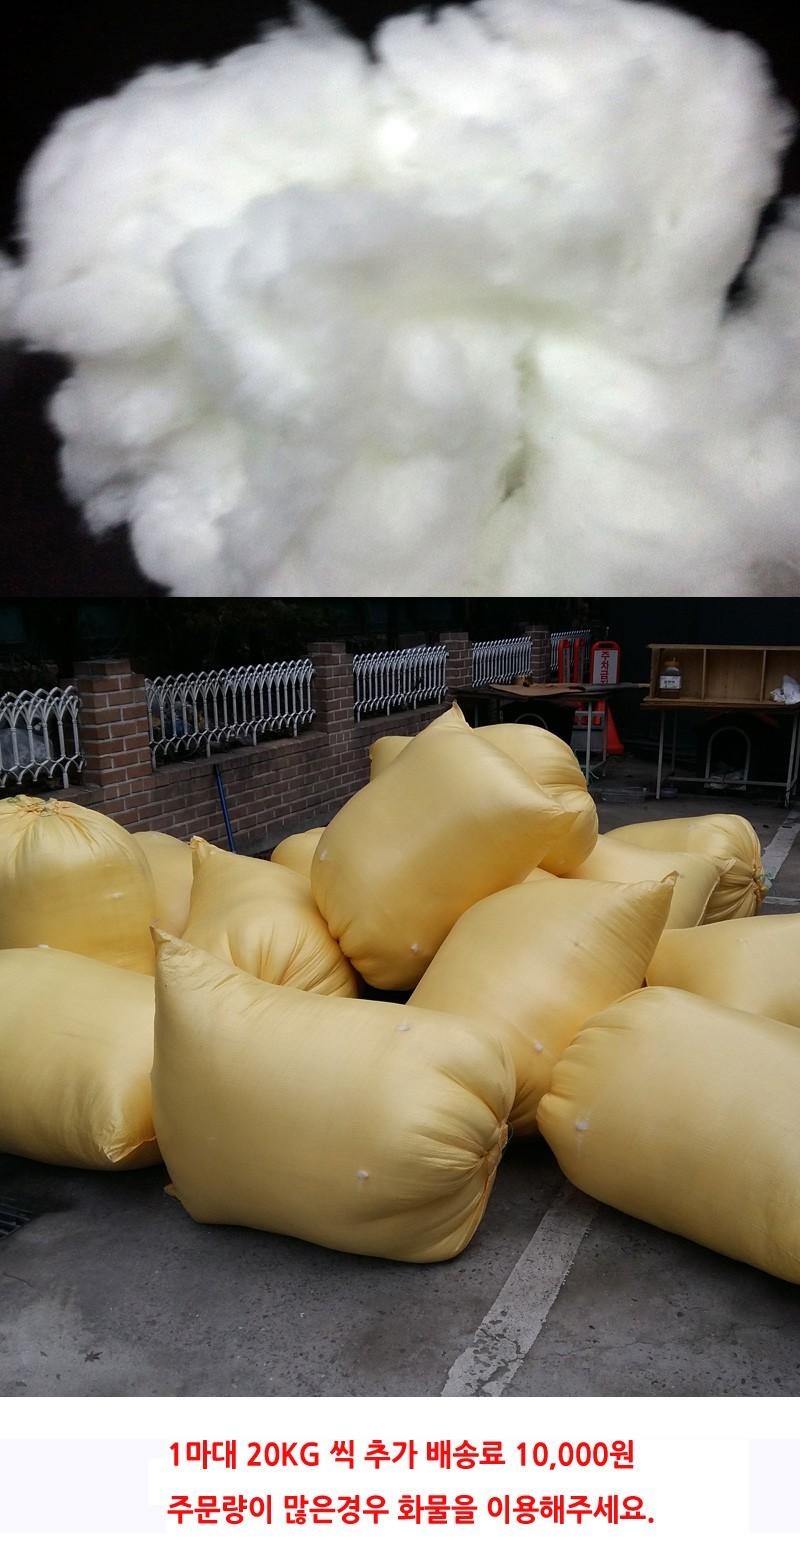 구름솜 20KG마데 지속생산